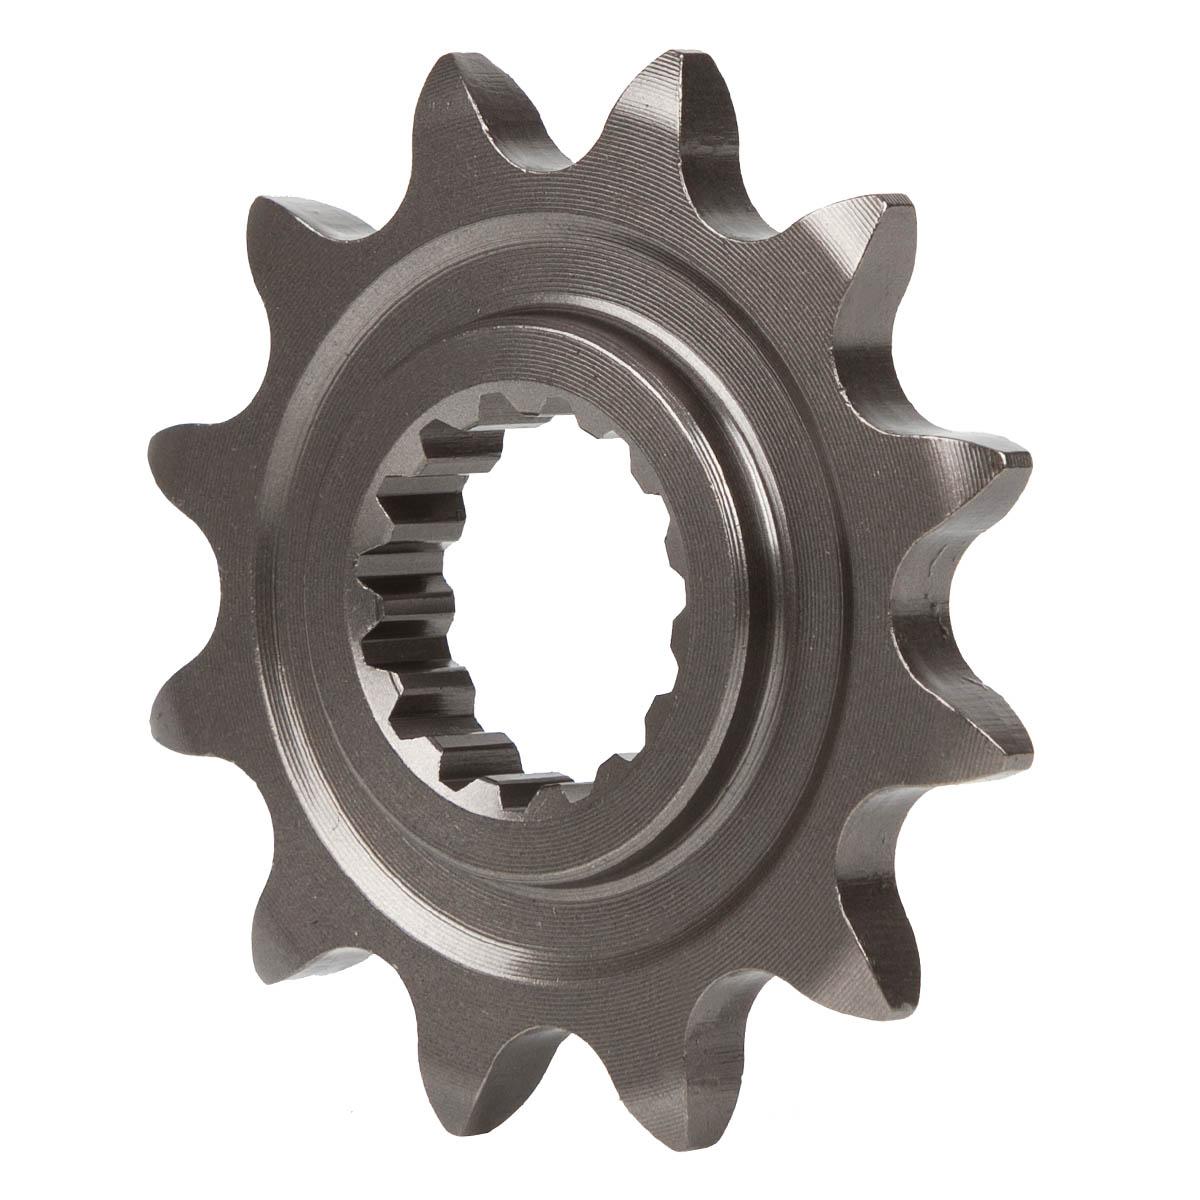 Renthal Ritzel  Beta 250-525 RR, Husaberg TE/FE, Husqvarna, KTM SX/SX-F/EXC/EXC-F , Freeride 350